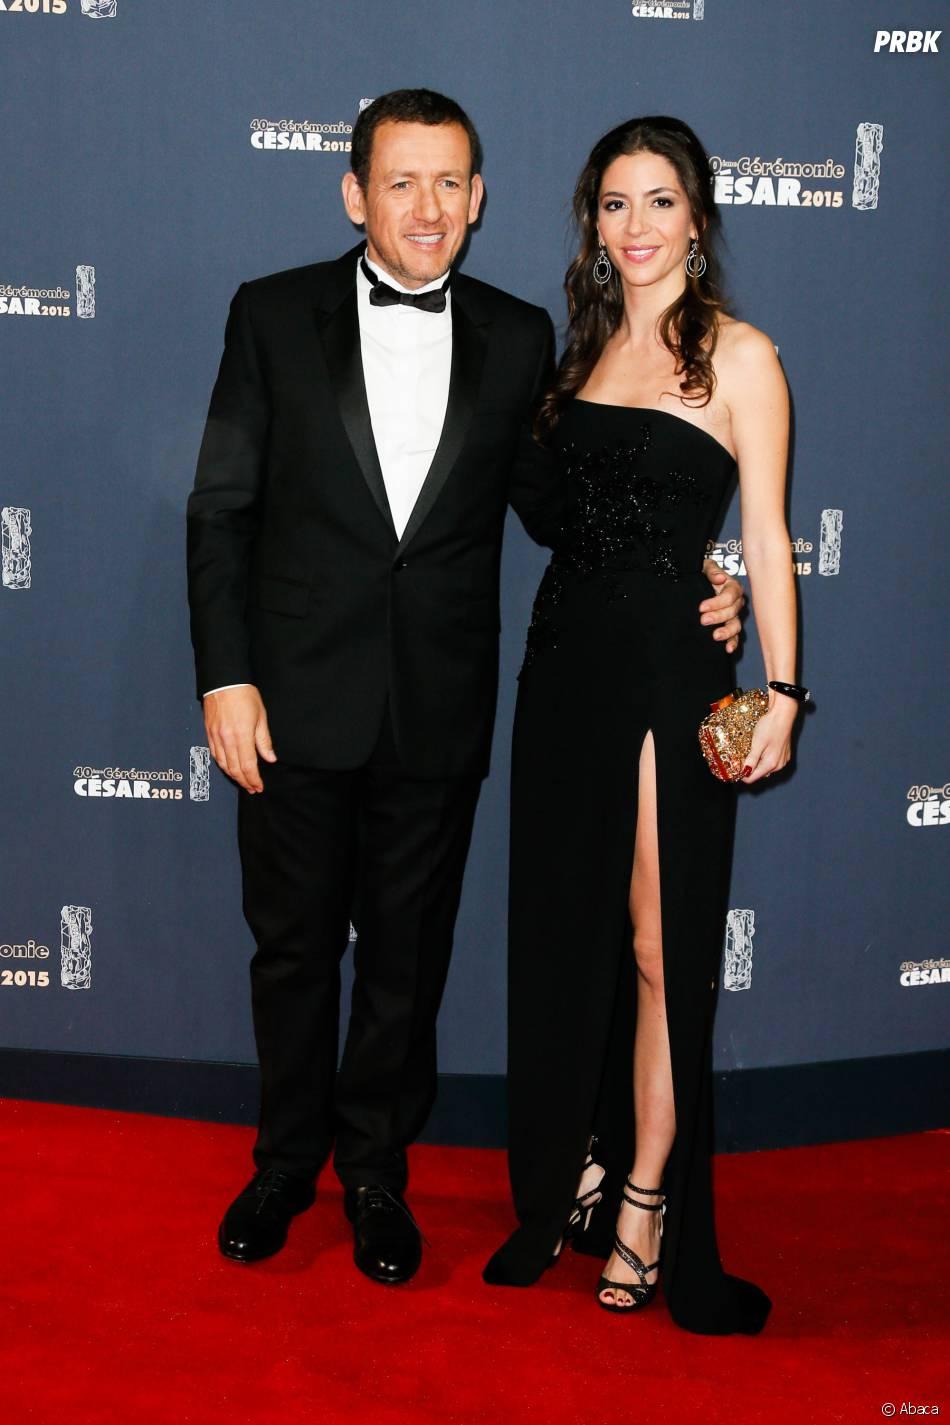 Dany boon et sa femme ya l boon sur le tapis rouge des c sar 2015 au th tre du ch telet paris - Raphael de casabianca et sa femme ...